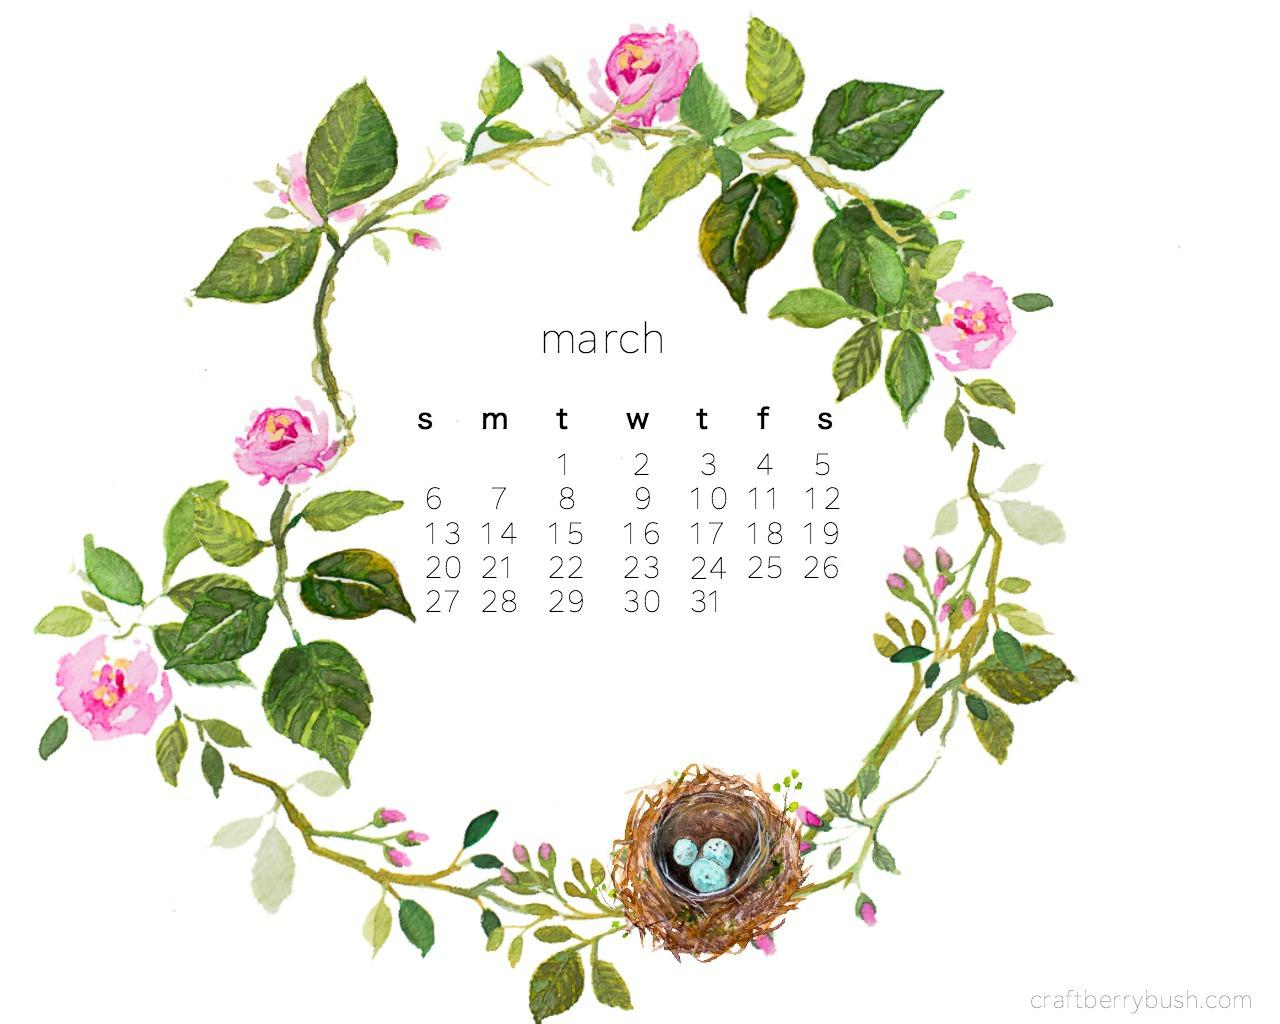 Watercolor Desktop Wallpaper Calendar : Free march desktop watercolor calendar